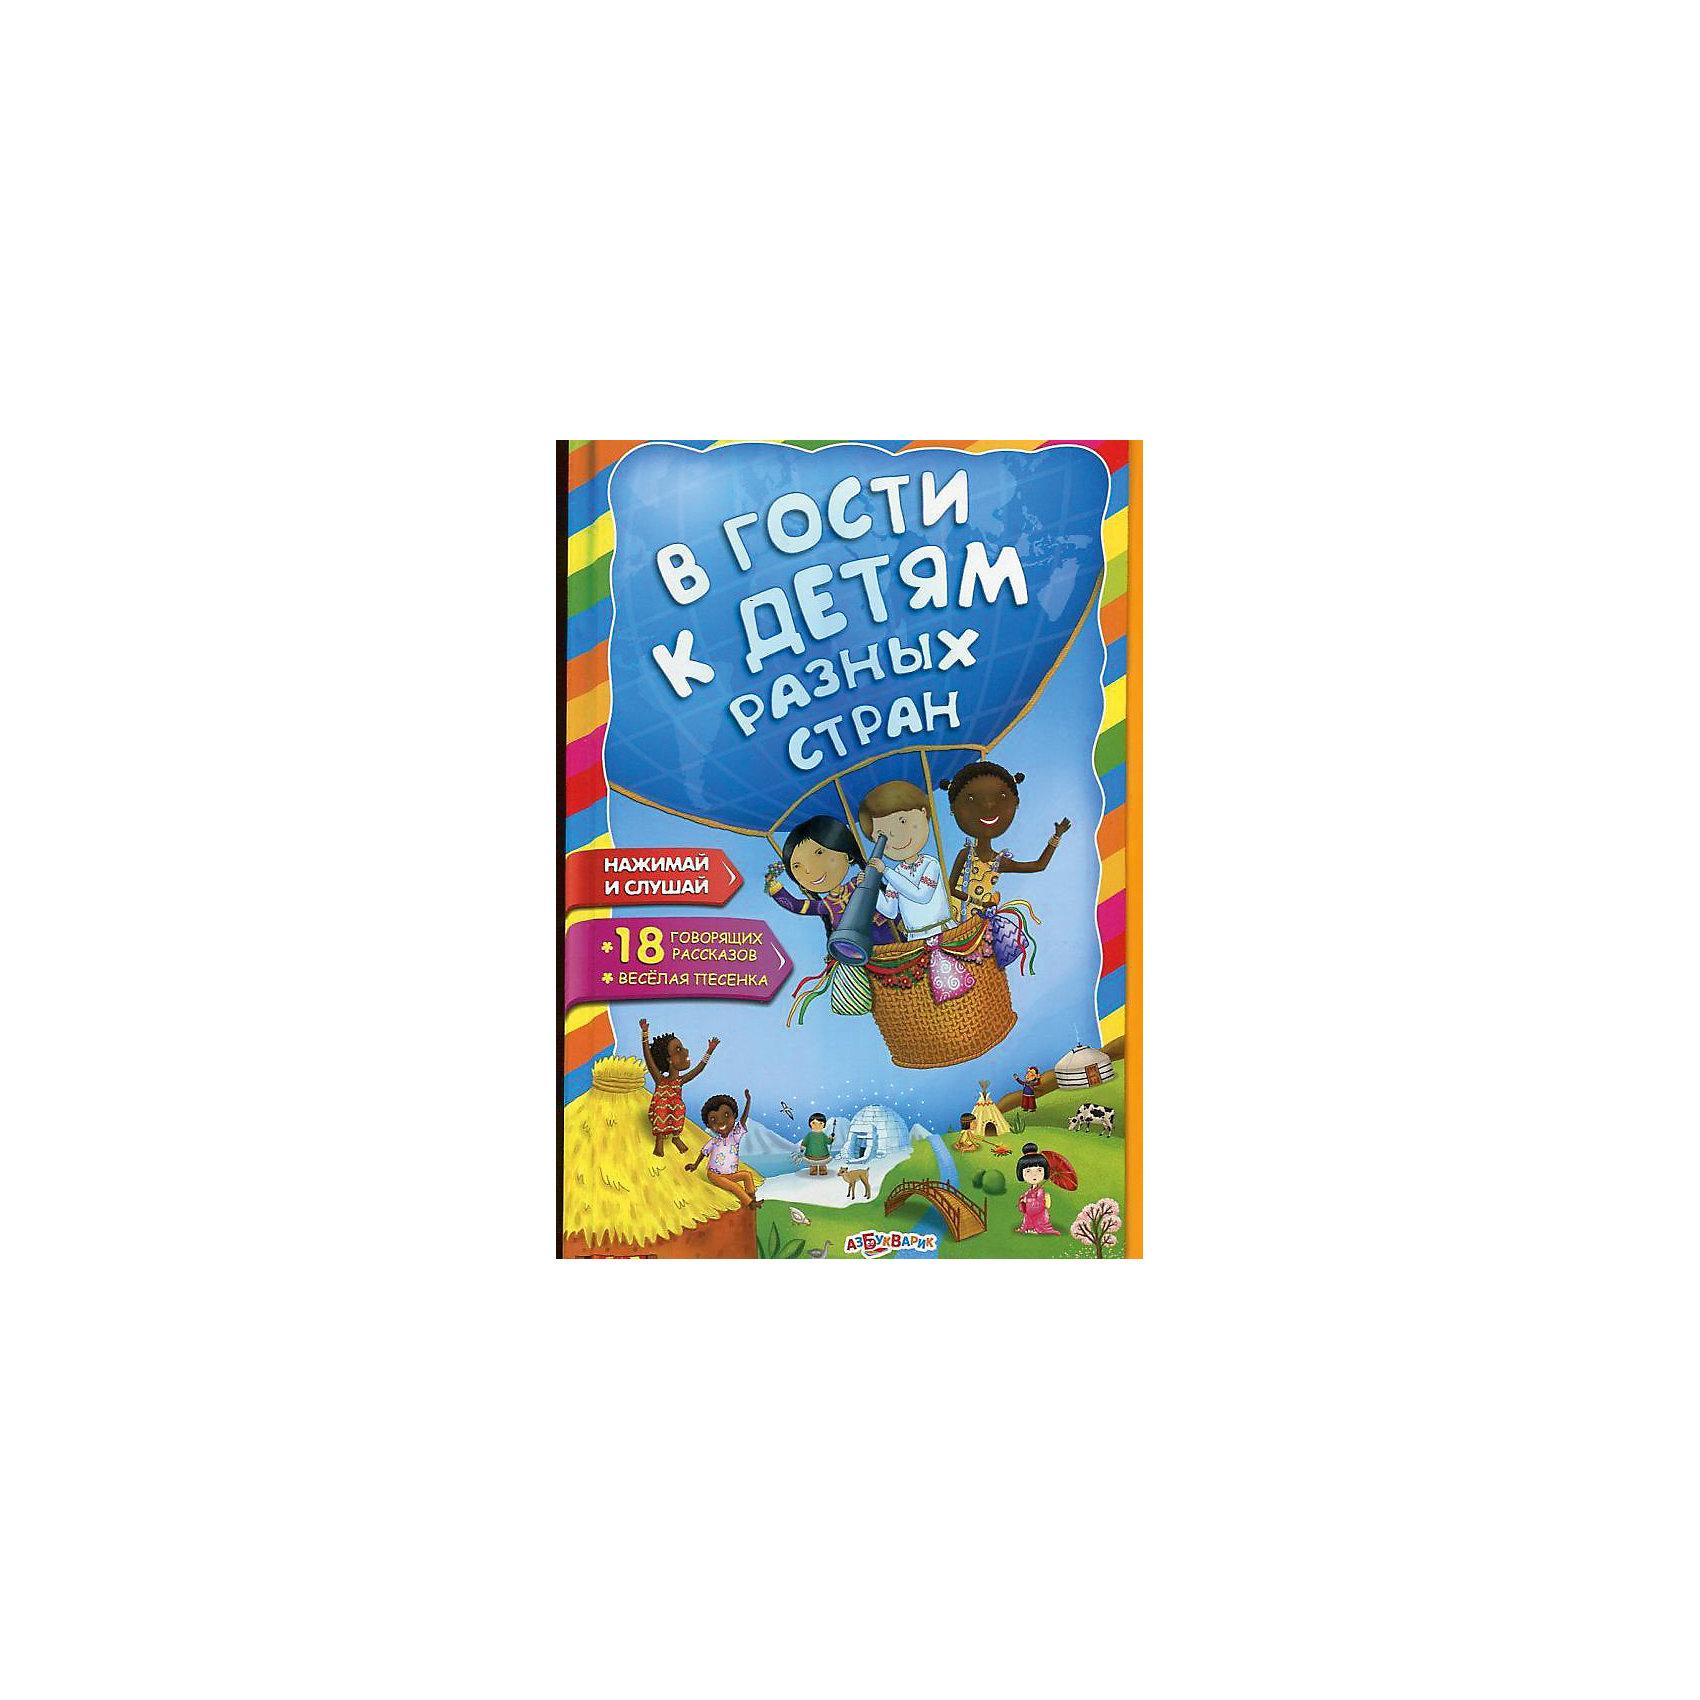 Азбукварик В гости к детям разных стран, Азбукварик азбукварик книга украшения гармоникс яркие блестки